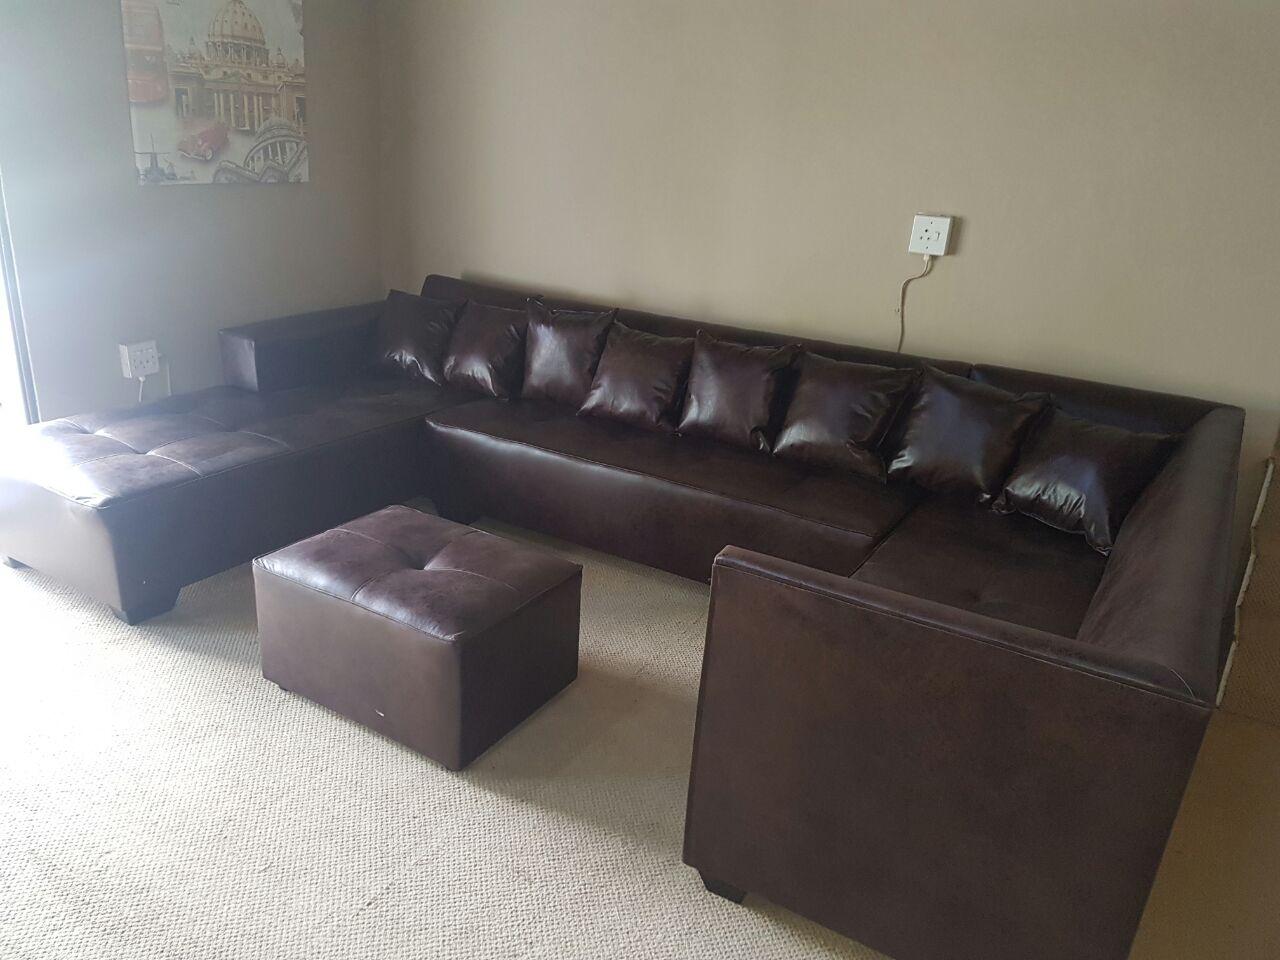 4-piece-lay-bed--fullback-u-shape-large